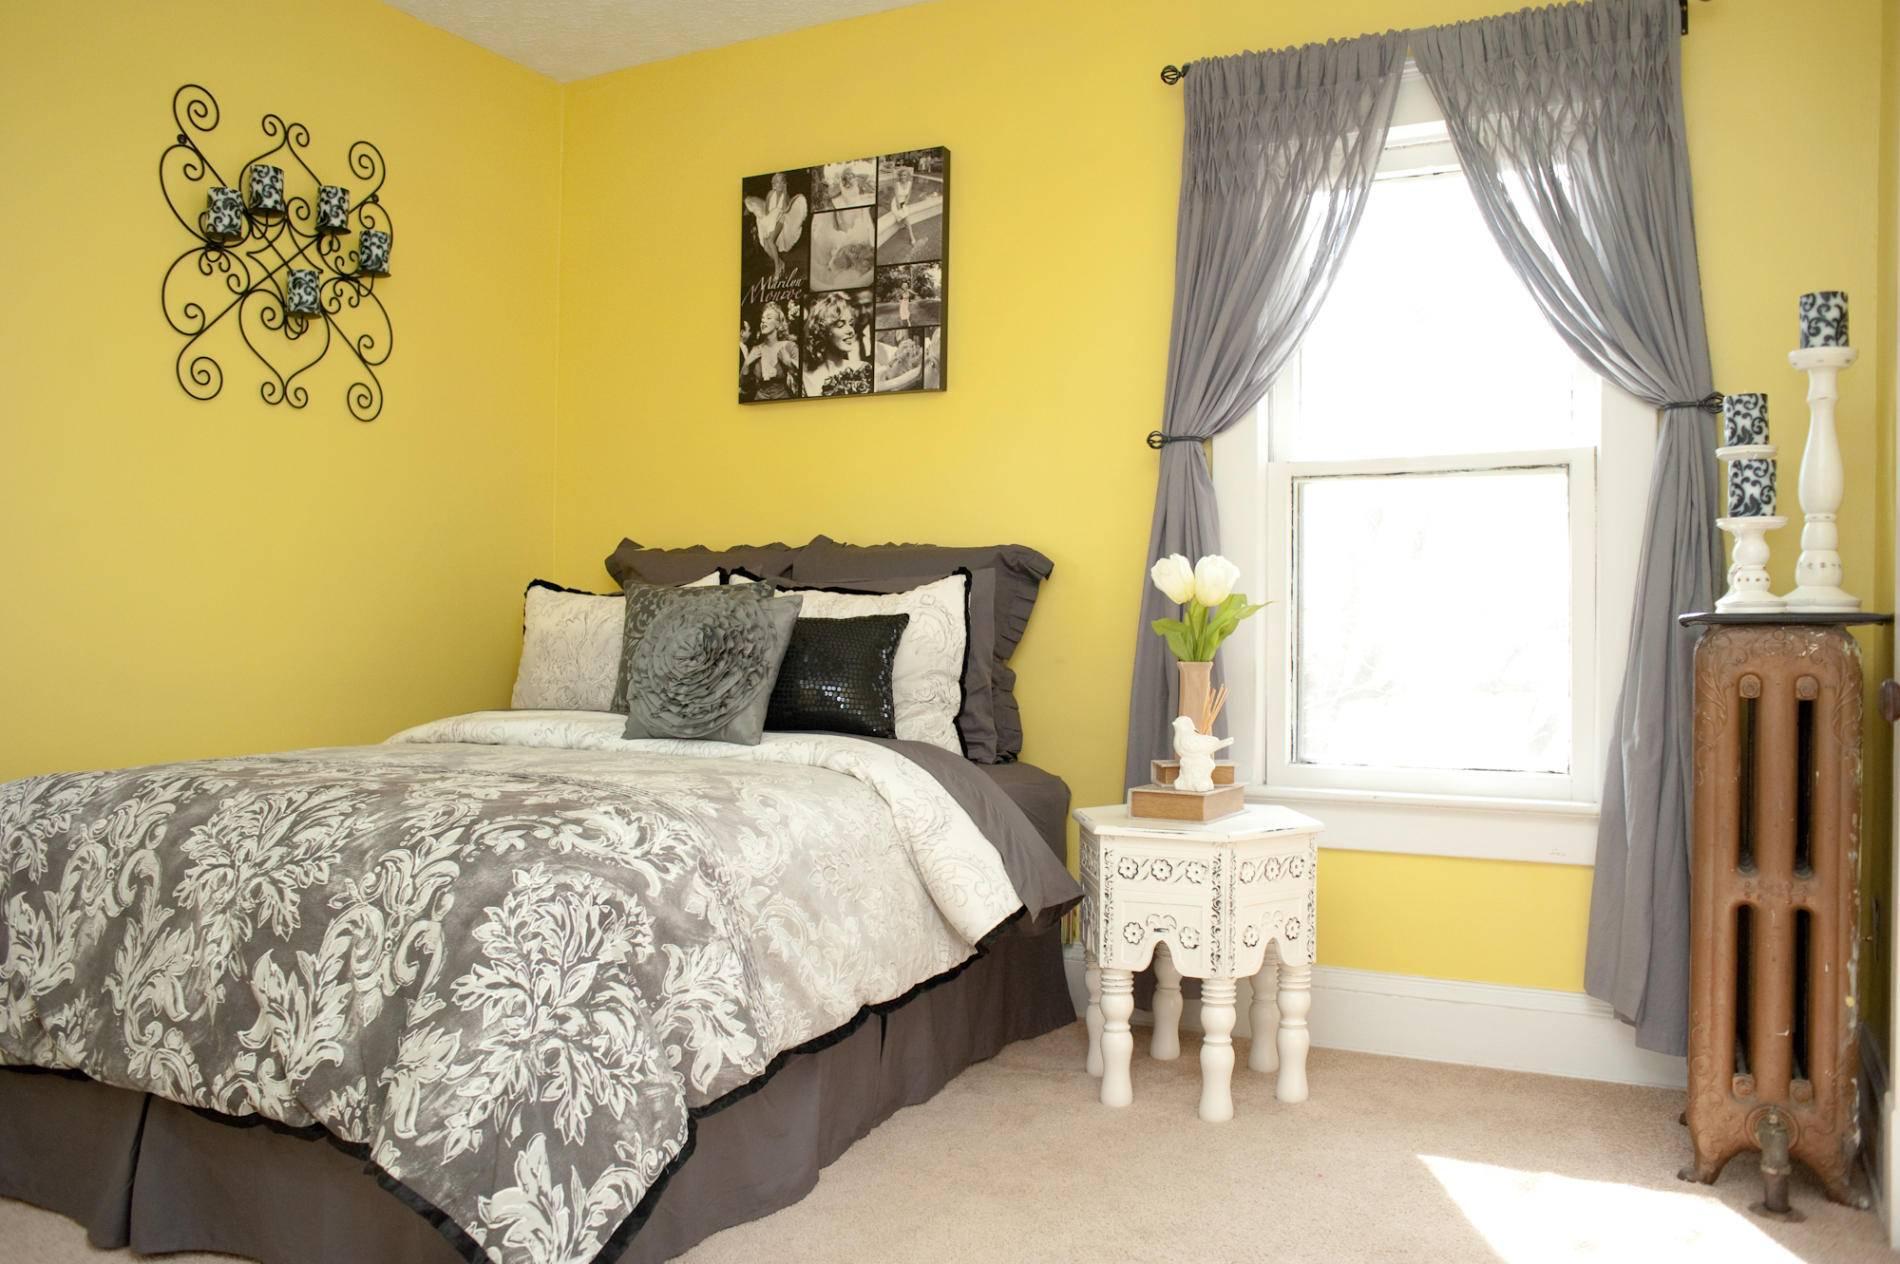 Сочетание желтого, серого и белого цветов в спальне